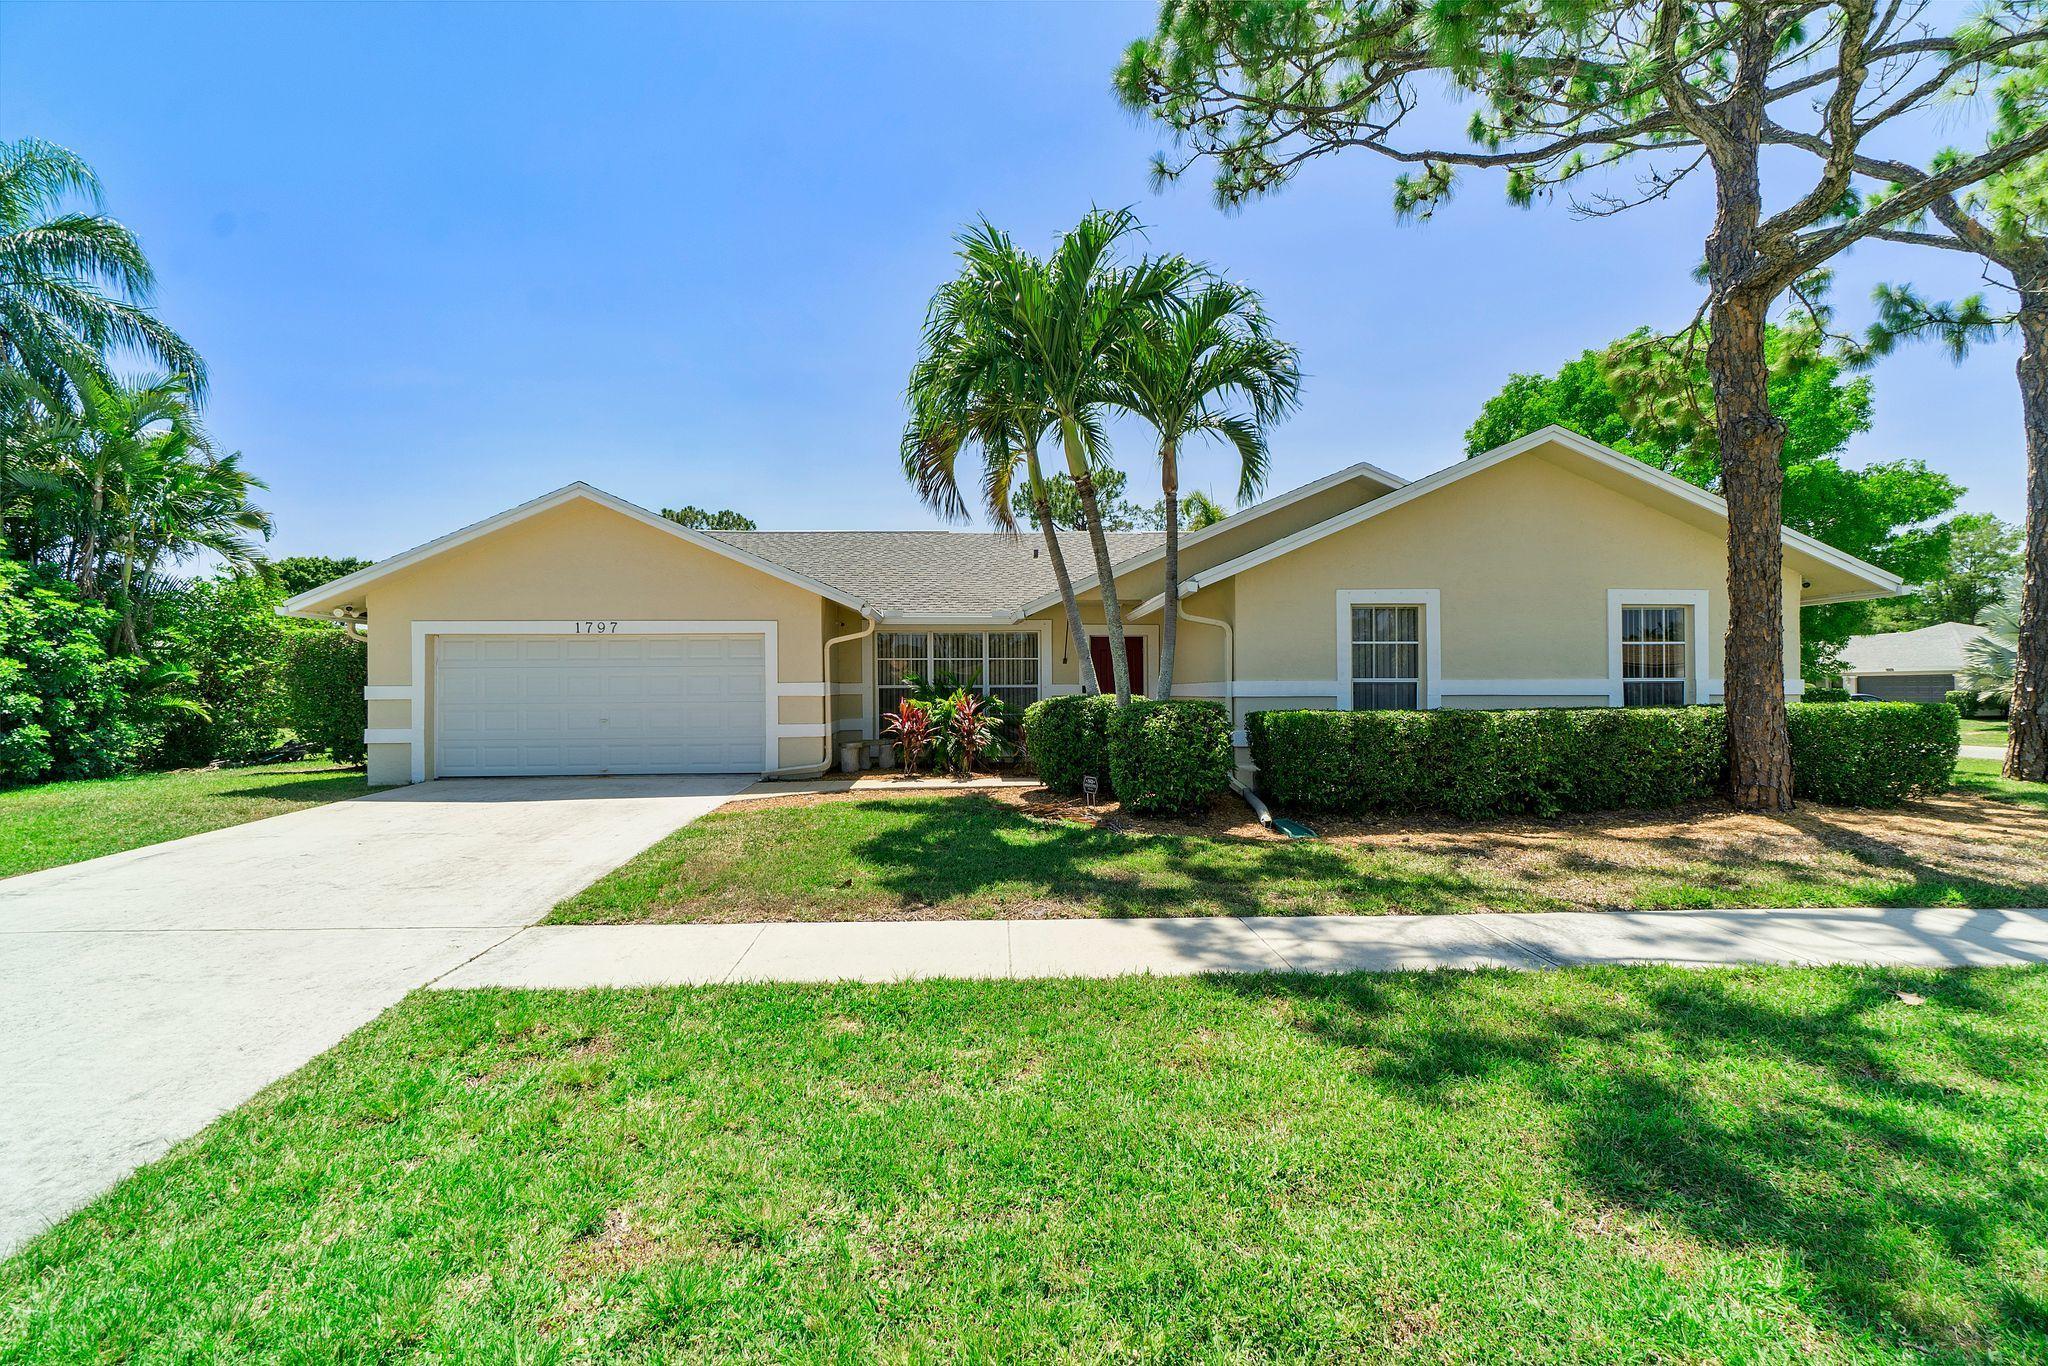 1797  Wisteria Street  For Sale 10719000, FL